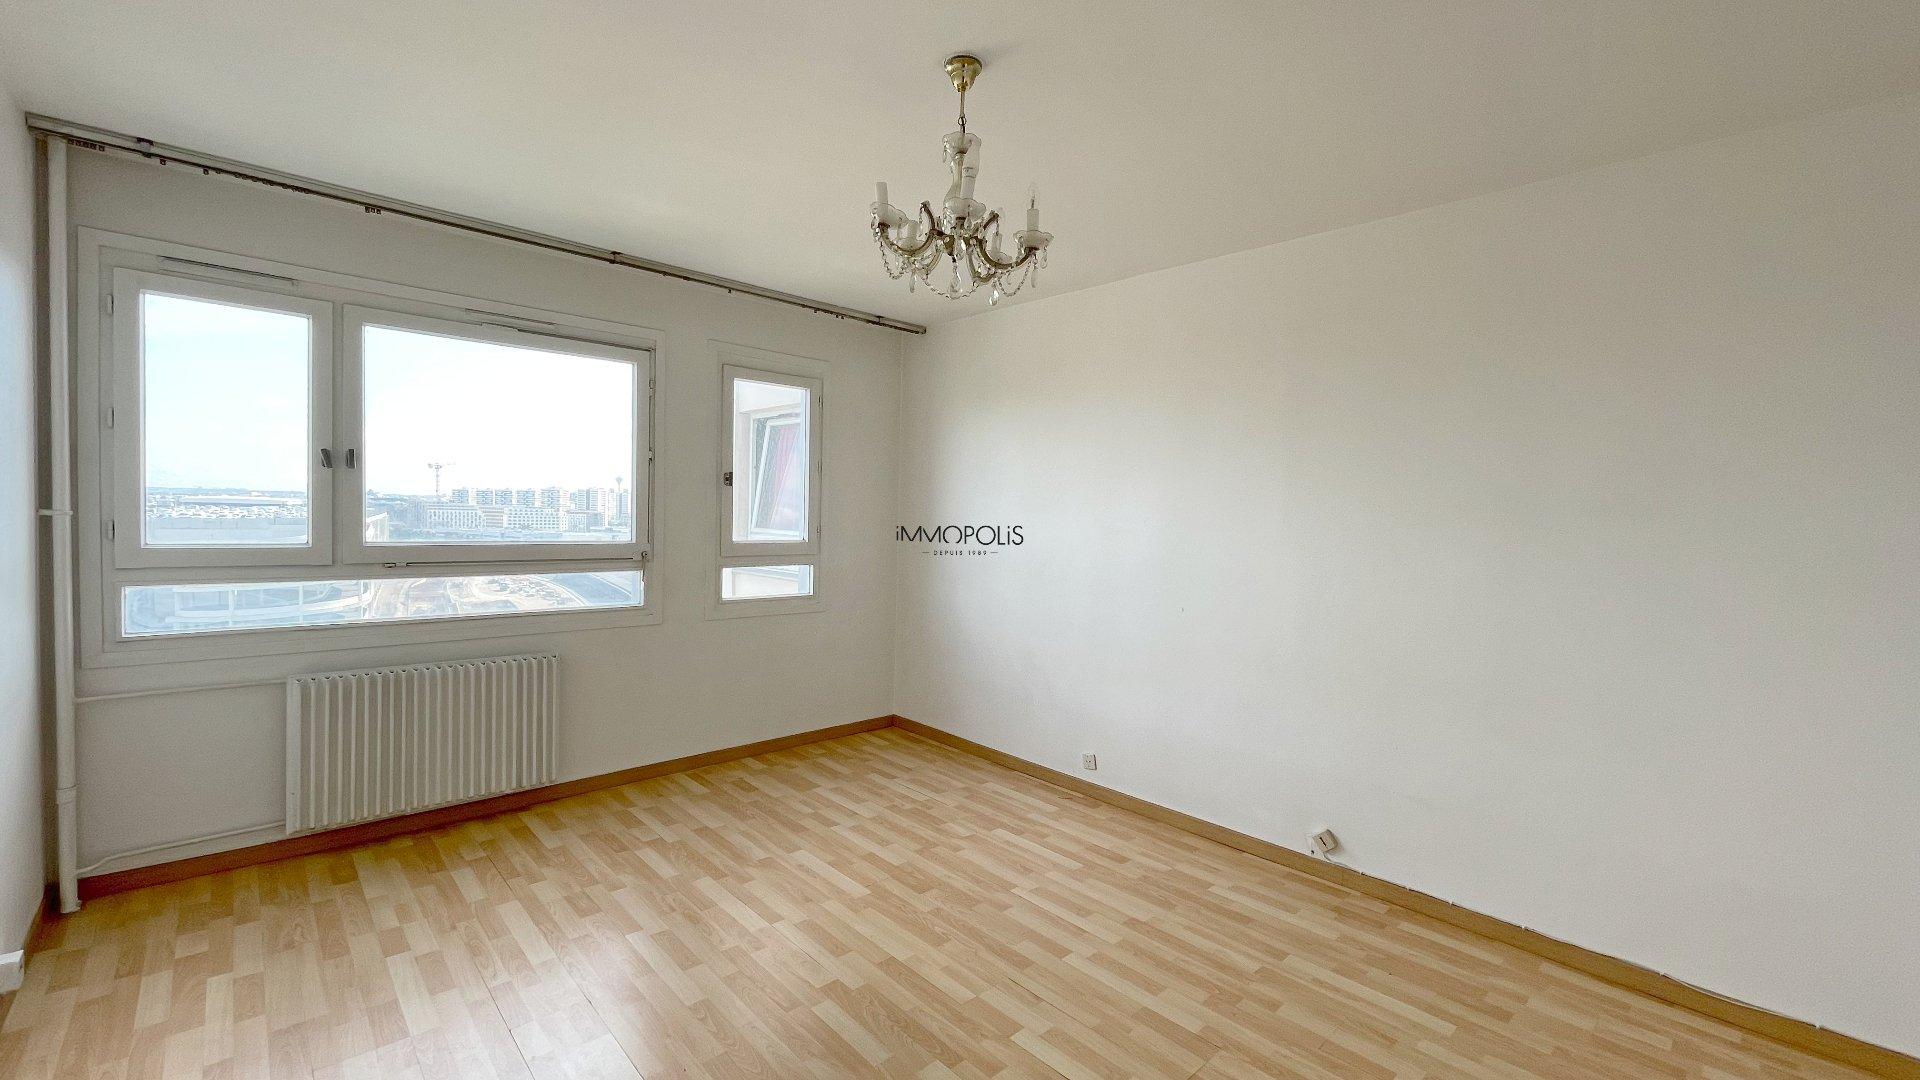 Appartement 3 pièces avec vue dégagée de 63.45m2 vendu avec un box ! 2